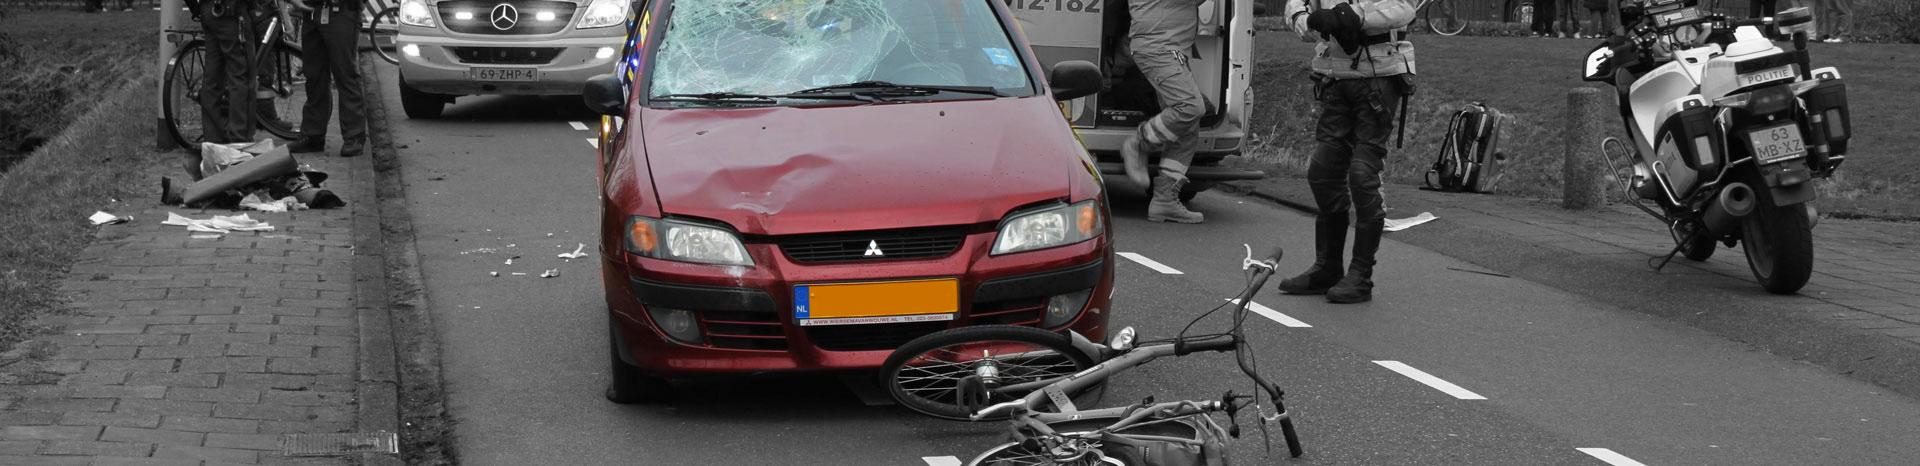 Aanrijding auto - fiets | LetselPro